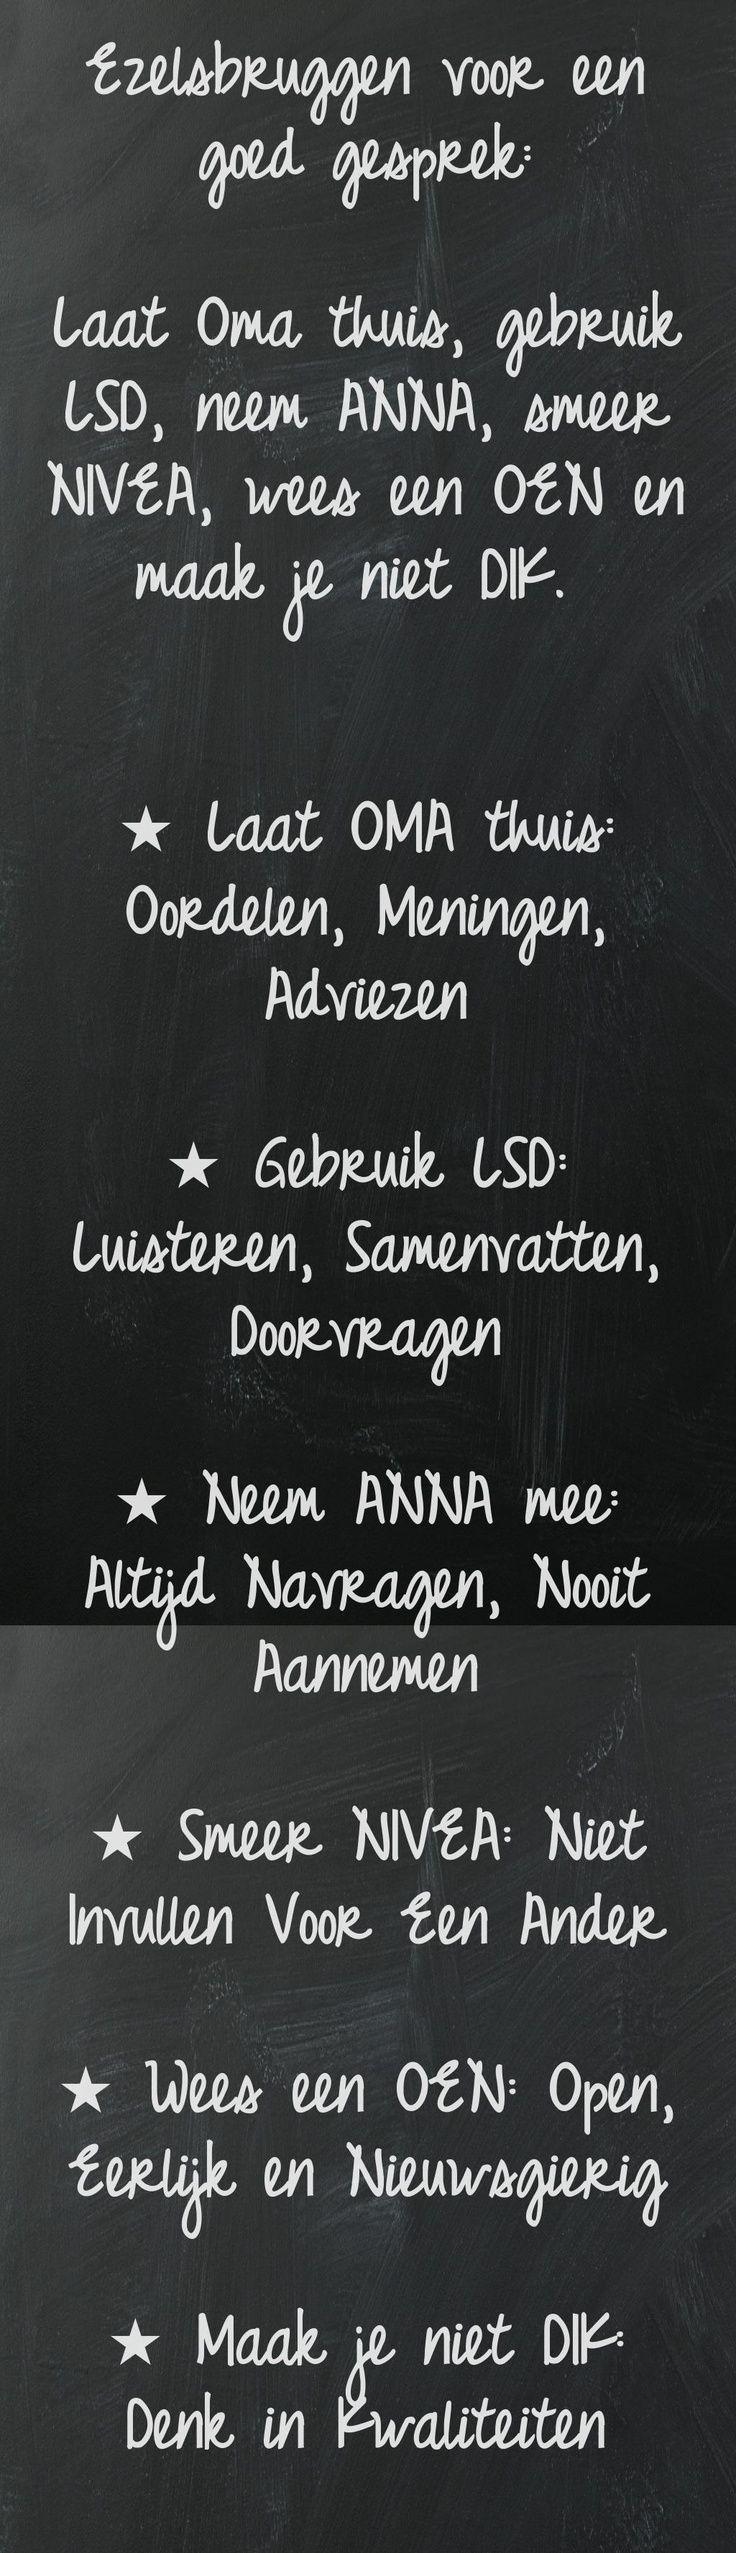 Ezelsbruggen voor een goed gesprek. www.jansentraining.nl.